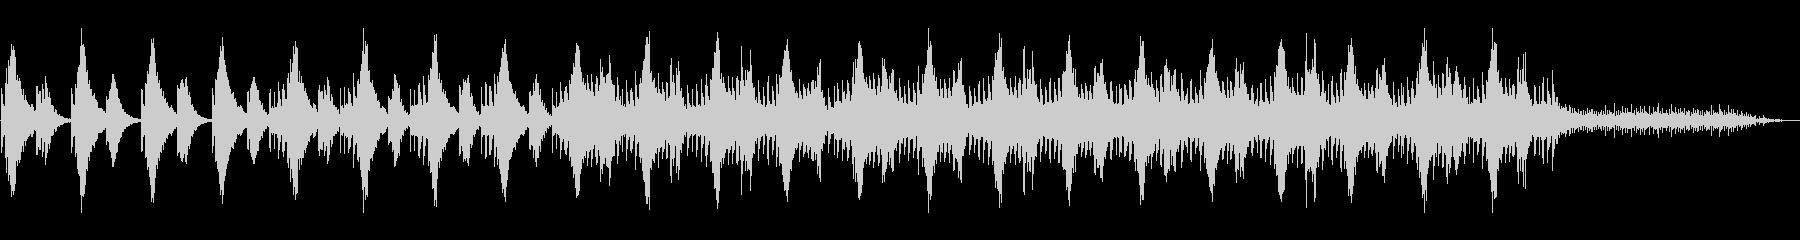 ハープ音源による切なく幻想的なミニマル。の未再生の波形